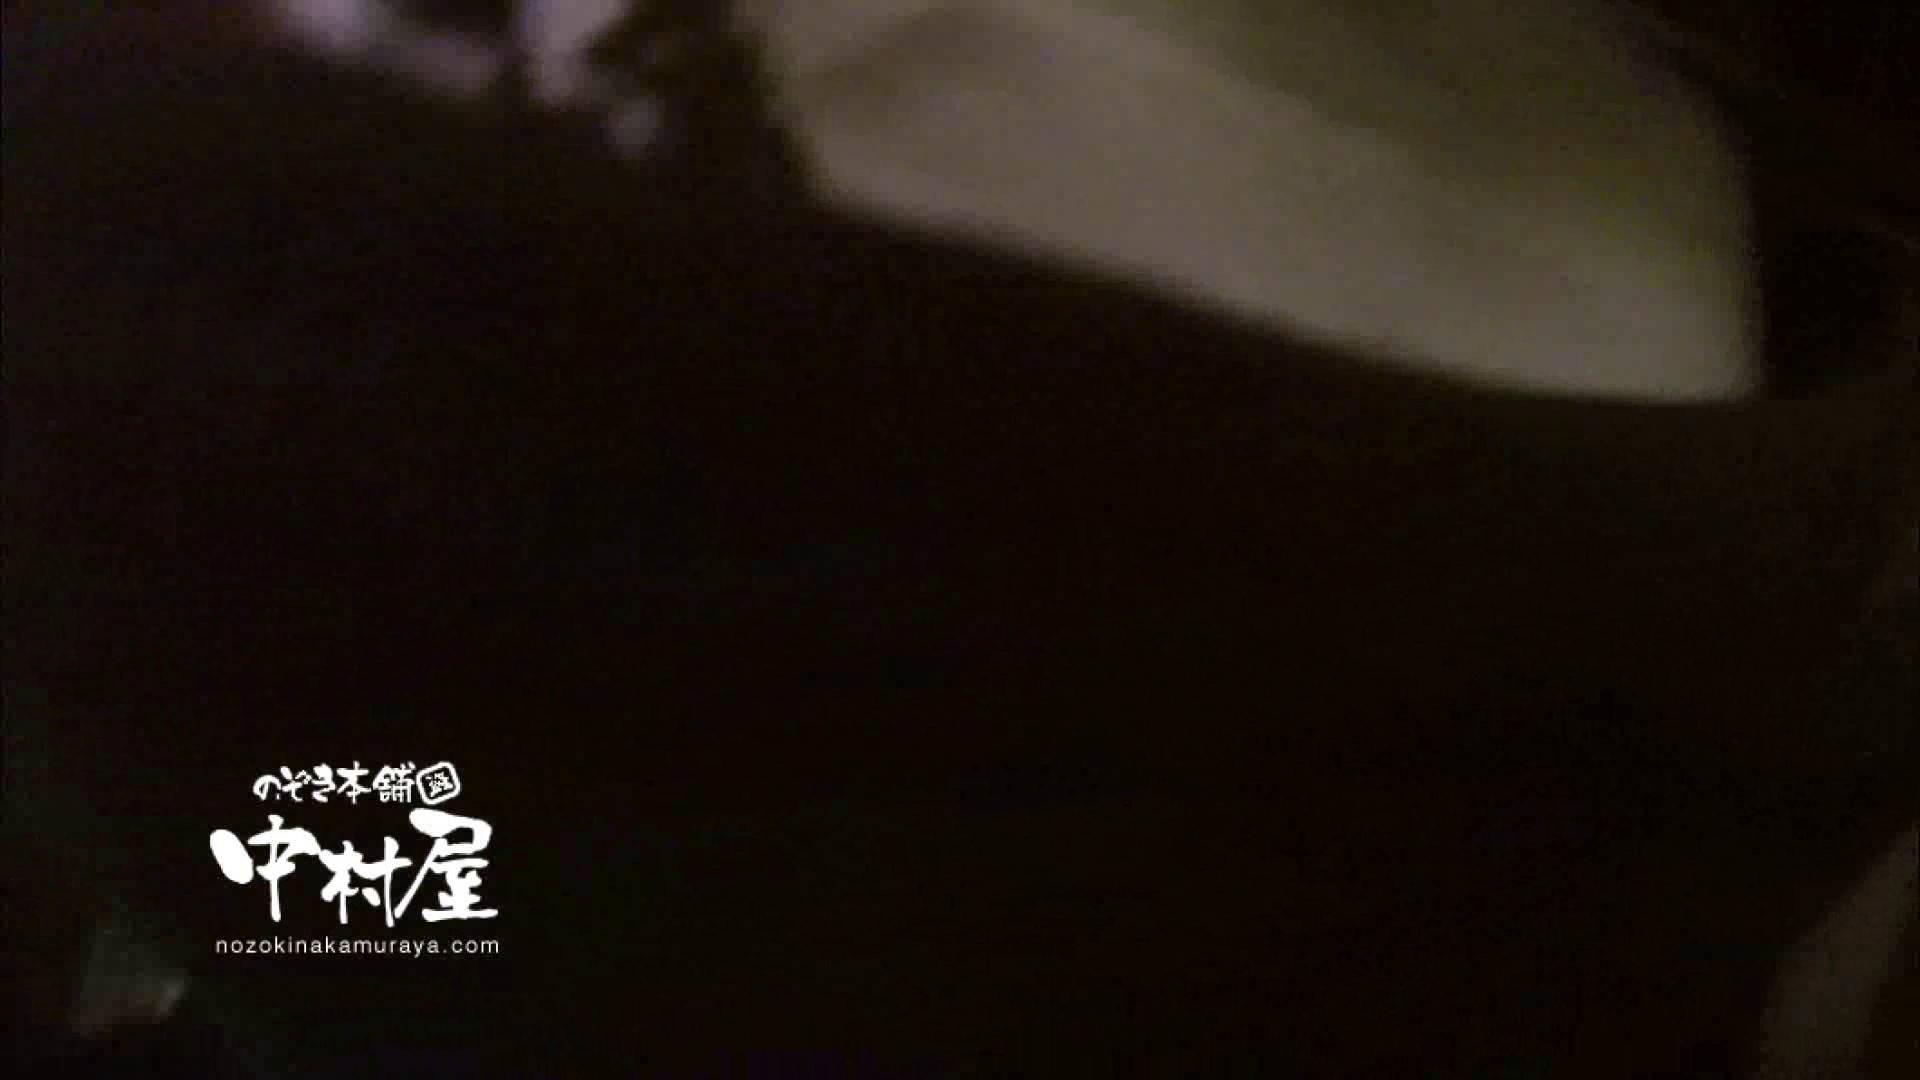 鬼畜 vol.11 下の口は正直なオンナ 前編 鬼畜  98PIX 48